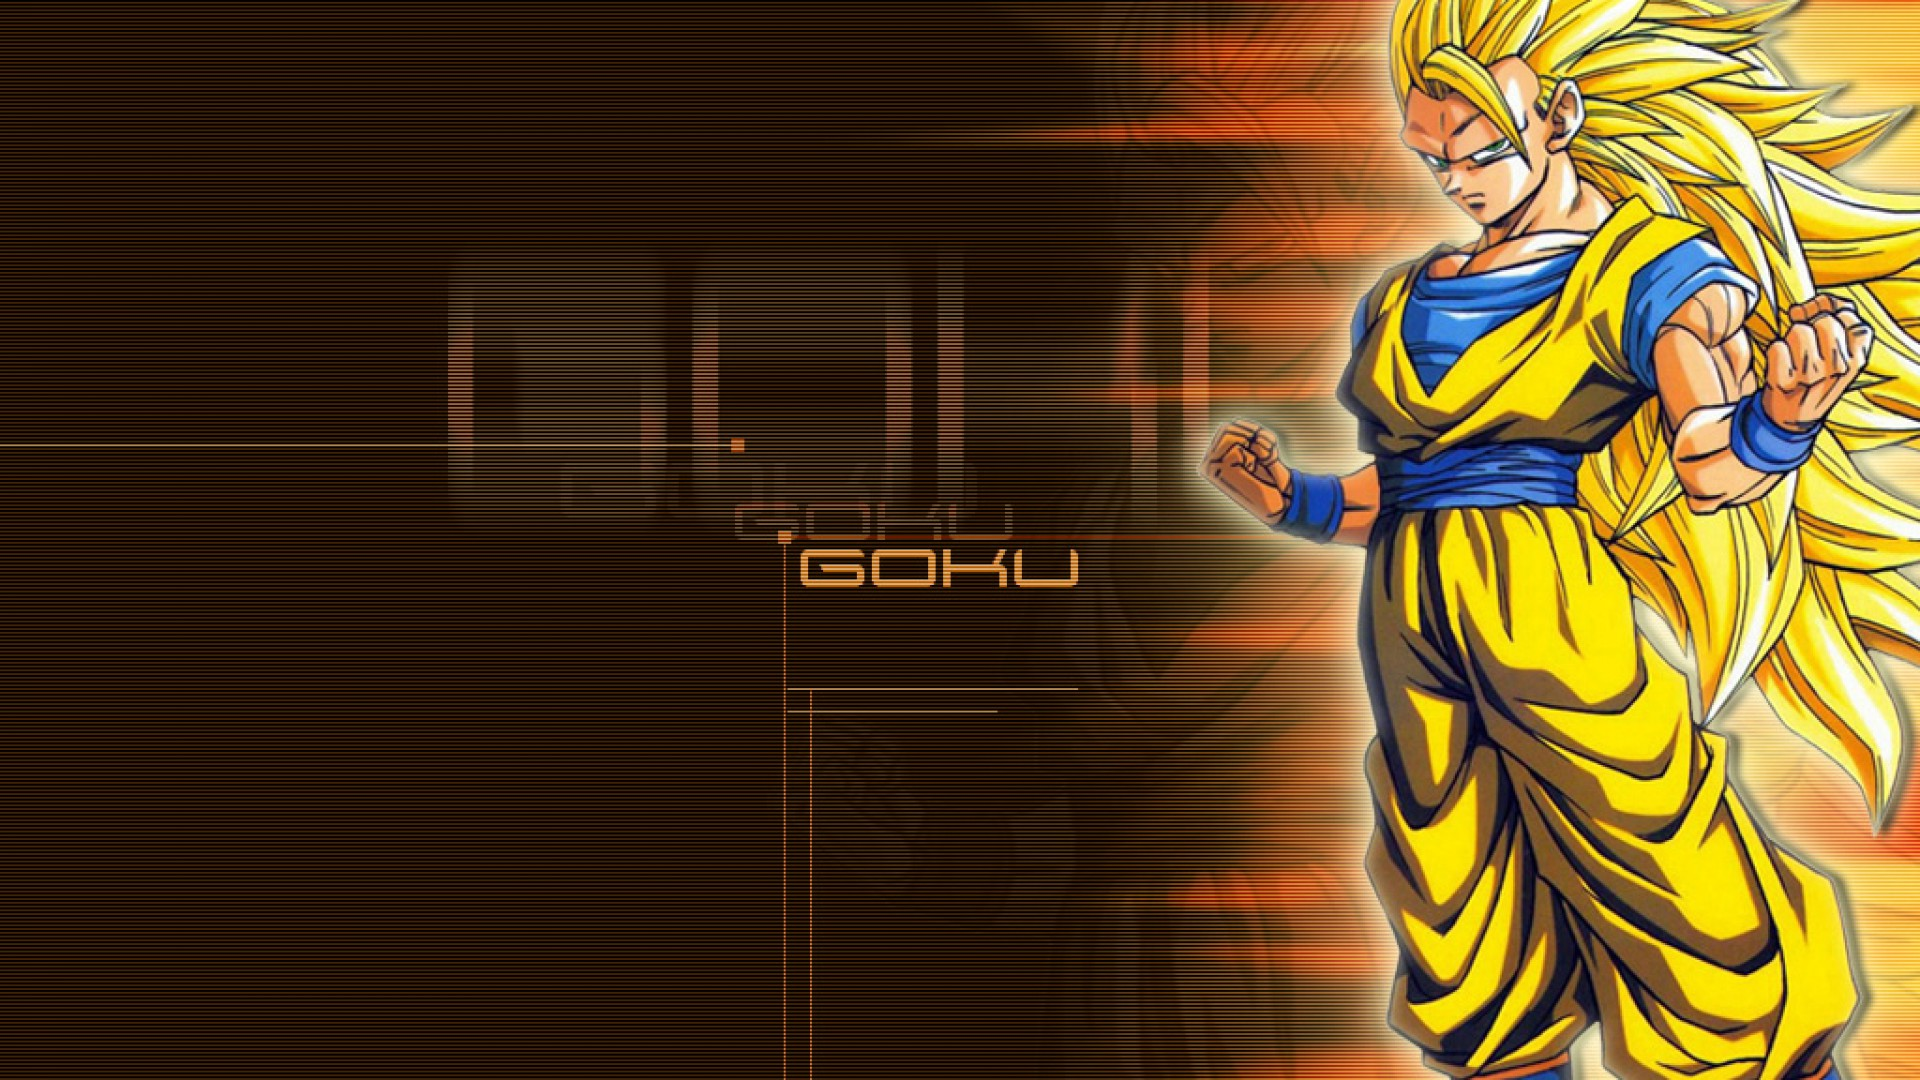 Goku Wallpaper hd for PC (6)